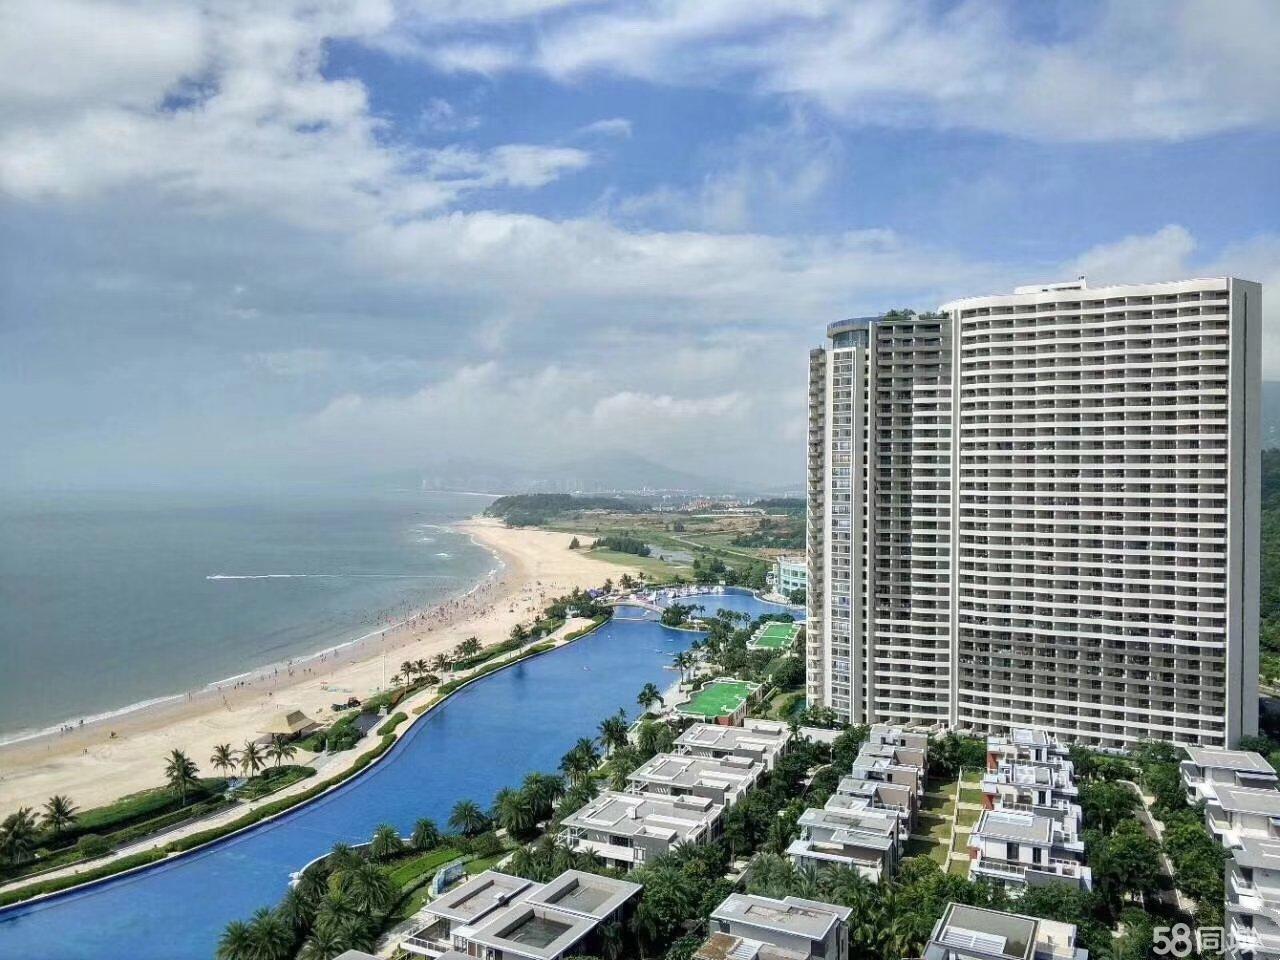 广东省绝版一线海景房不限购首付18万投资自住可投管